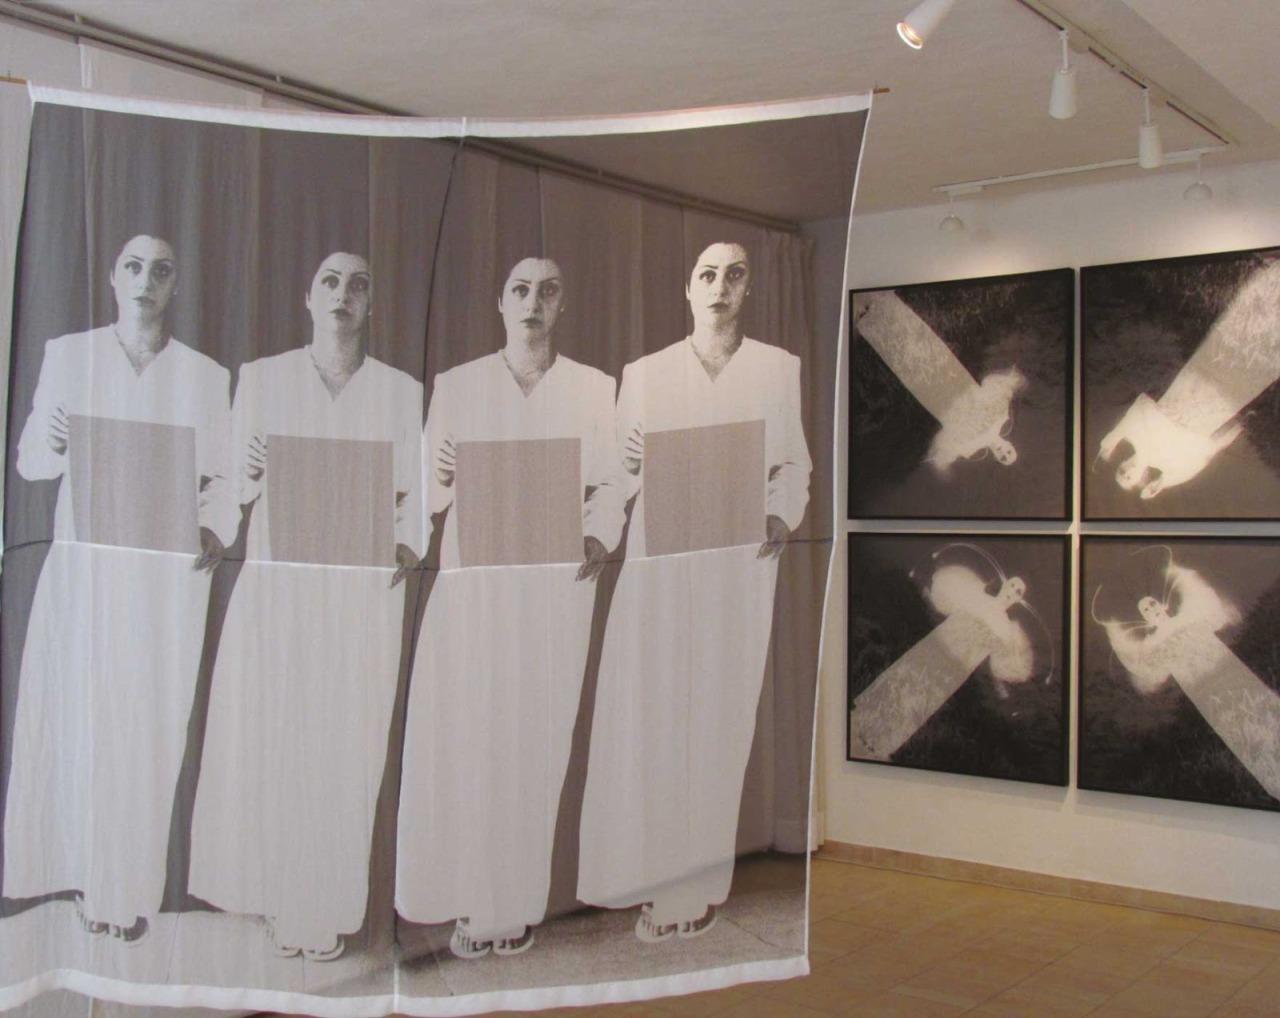 H-ABITO, installazione, Federica Gonnelli, 2012